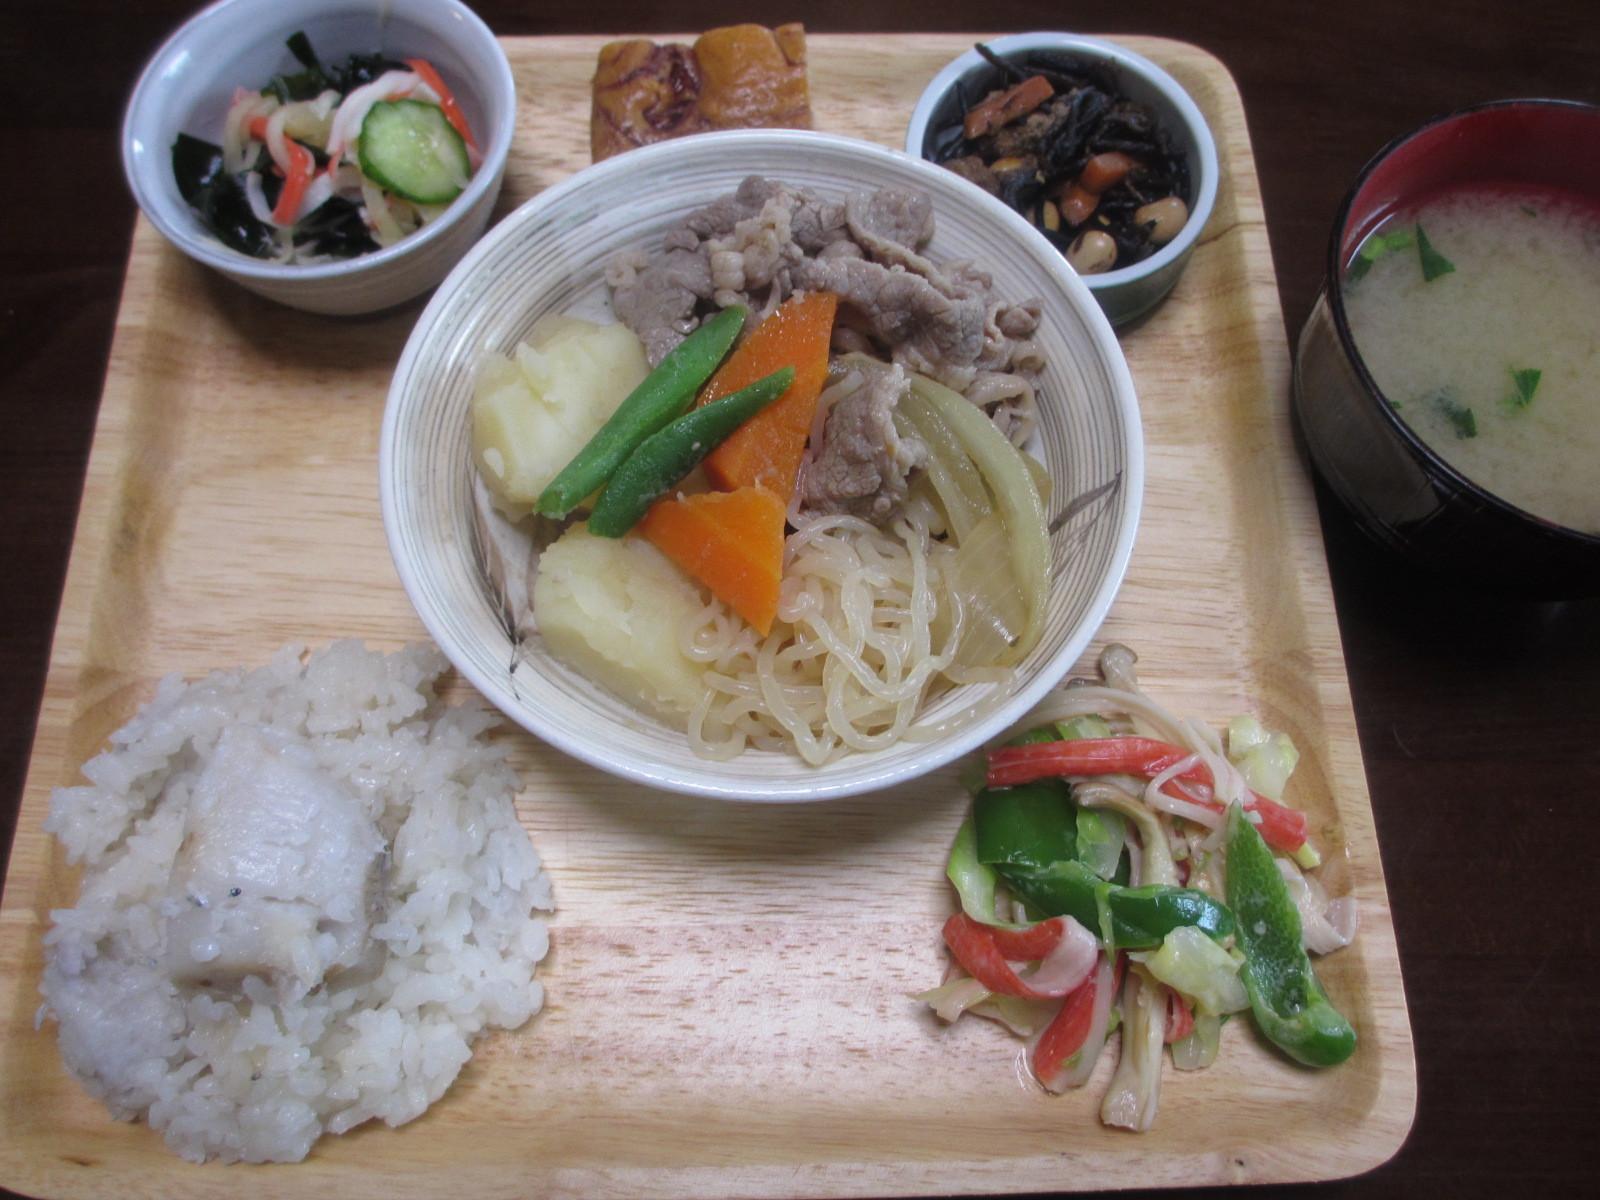 好評の里芋とじゃこご飯は金子ファームで育った里芋。ねっとり芋をお楽しみください